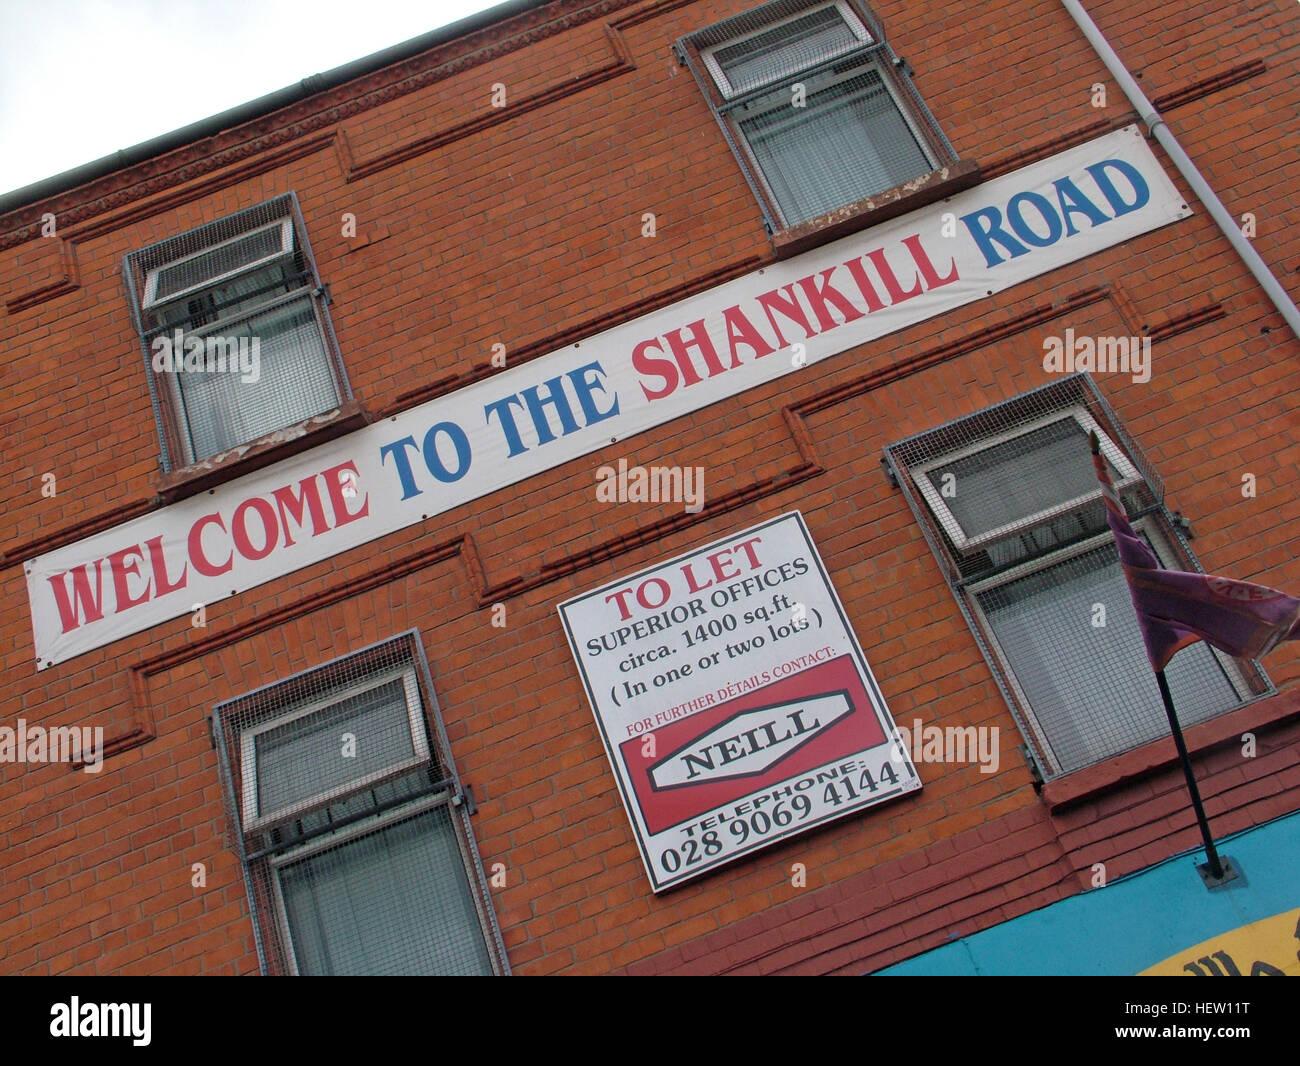 Laden Sie dieses Alamy Stockfoto Shankill Road Wandbild - Willkommen in der Shankill Road, West Belfast, Nordirland, Vereinigtes Königreich - HEW11T